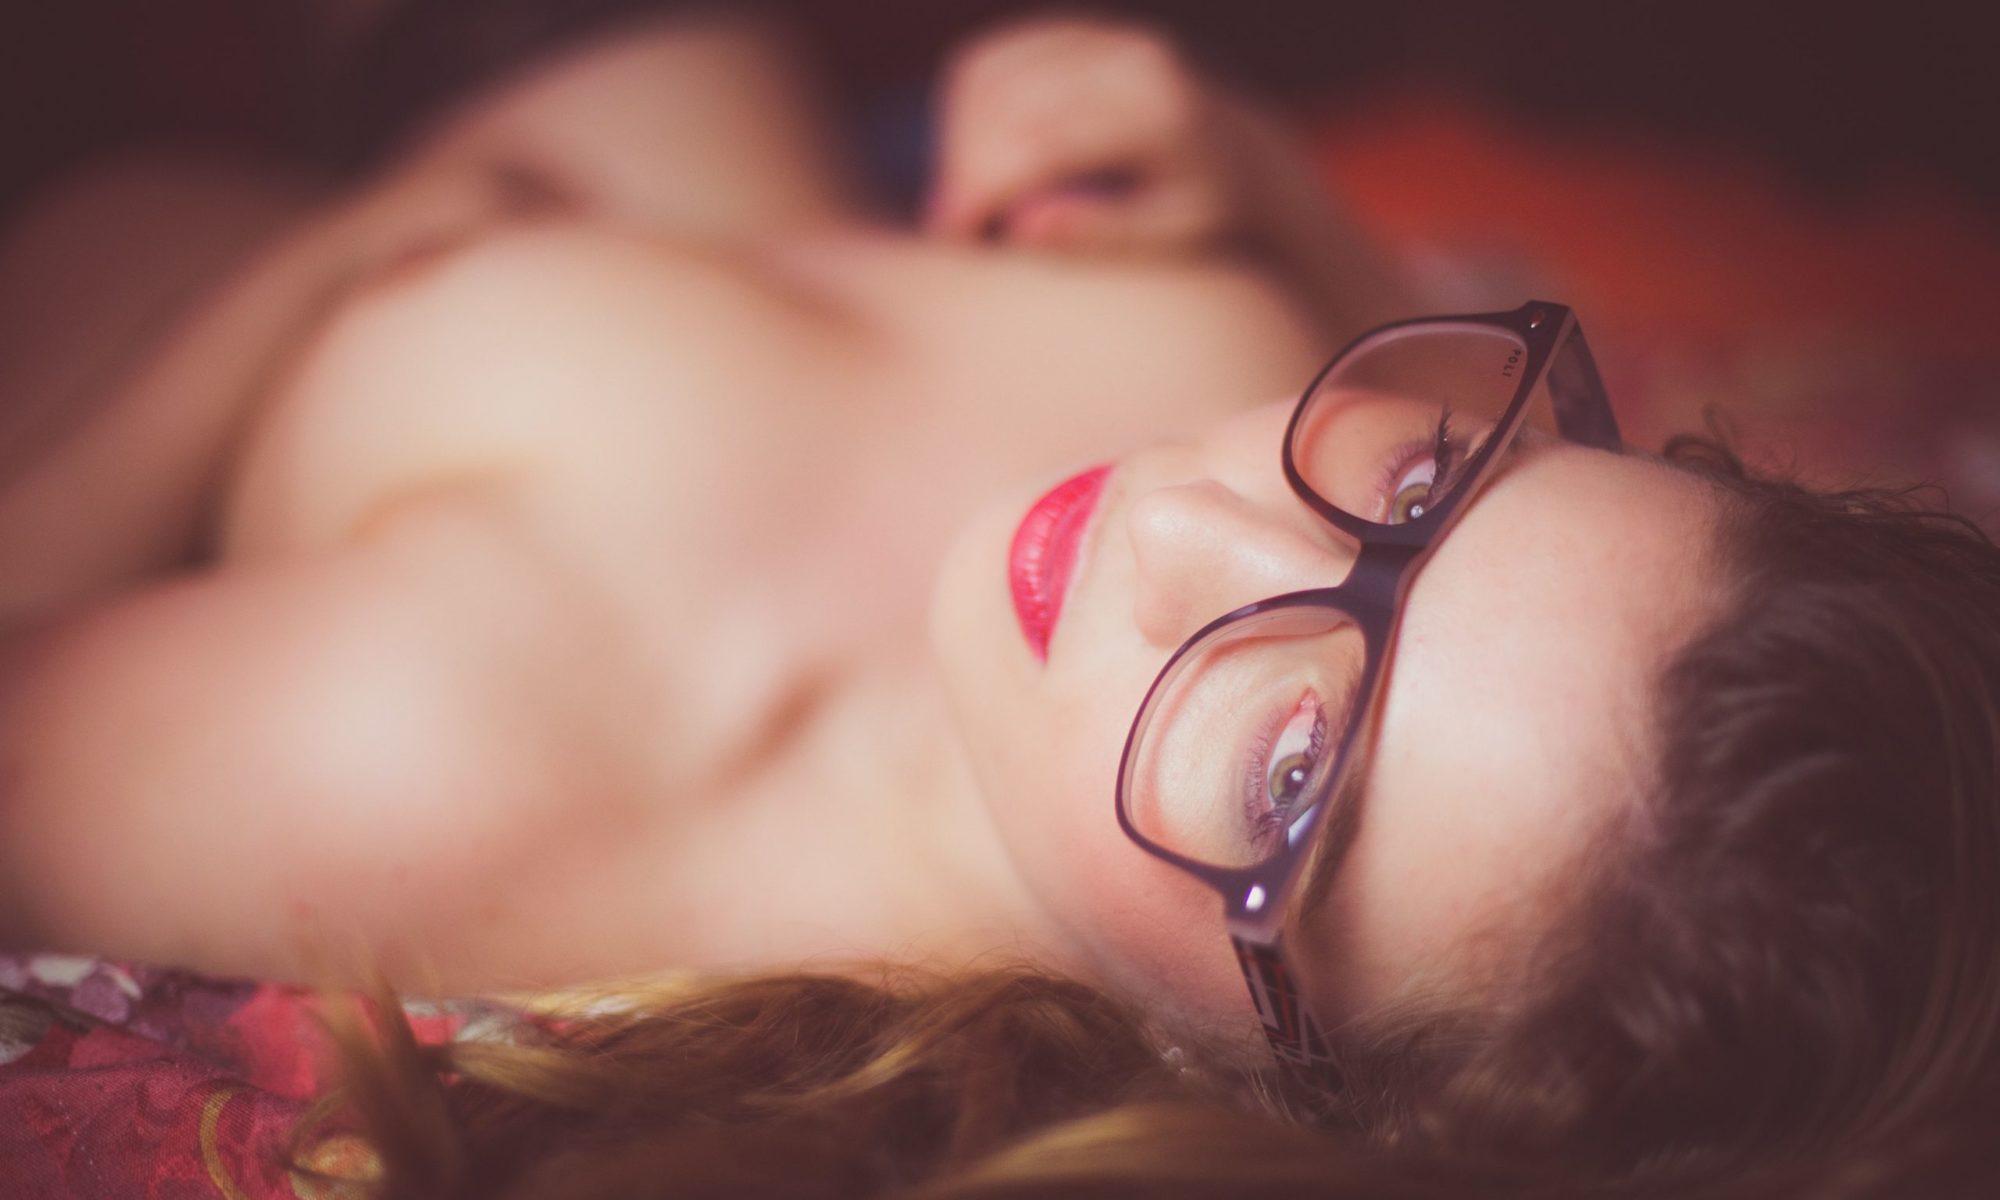 Sexkontakte zu Frauen